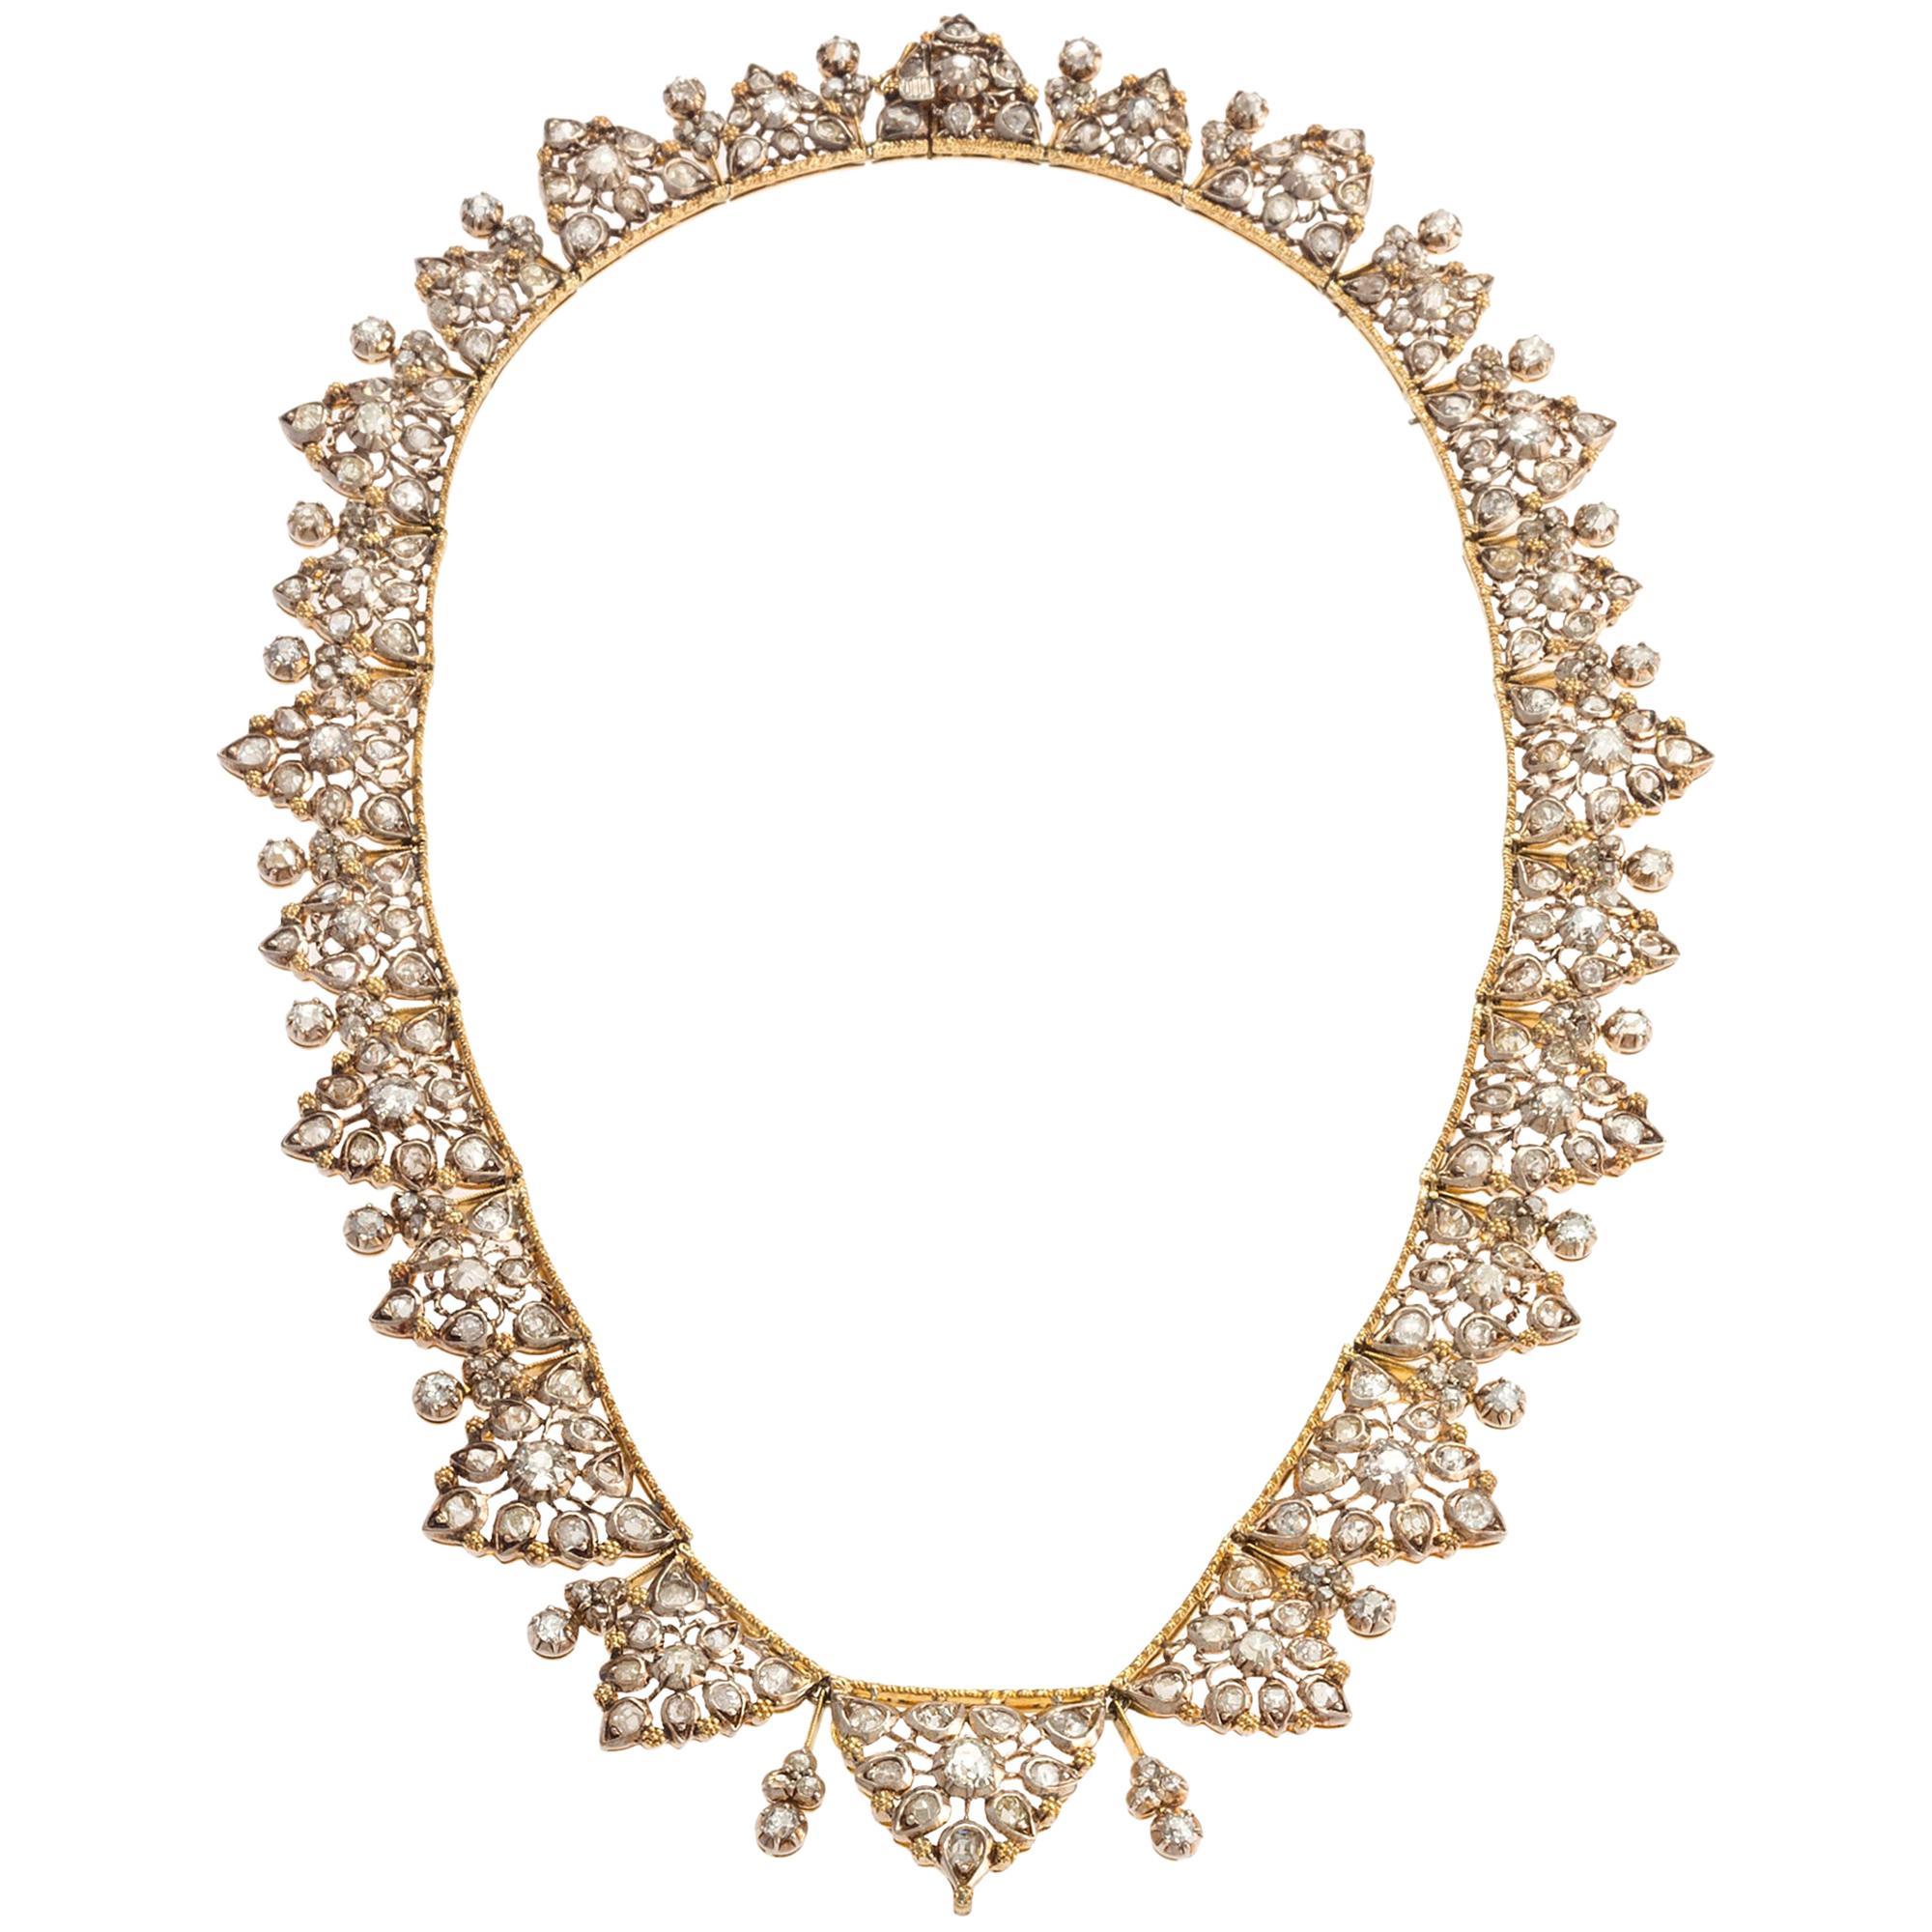 Buccellati Diamond Leaf Fringe Necklace